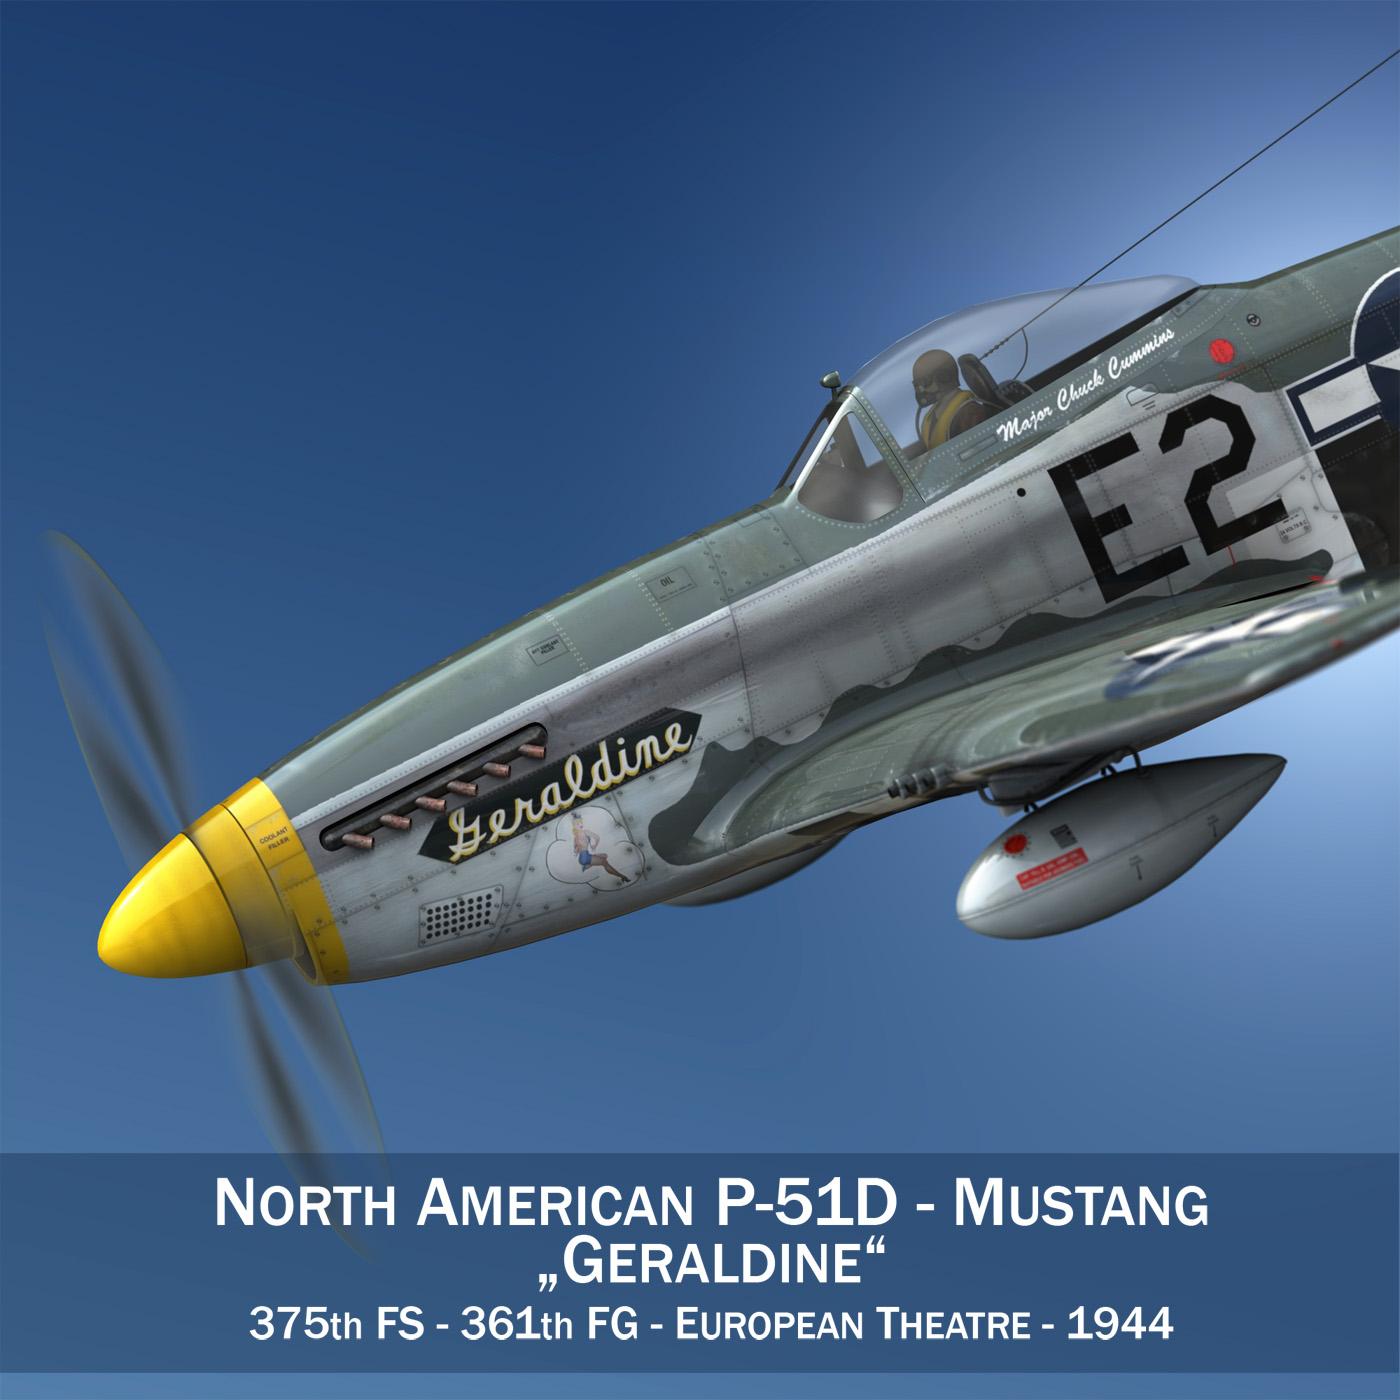 Ziemeļamerikas p-51d - geraldīns 3d modelis fbx c4d lwo obj 265937